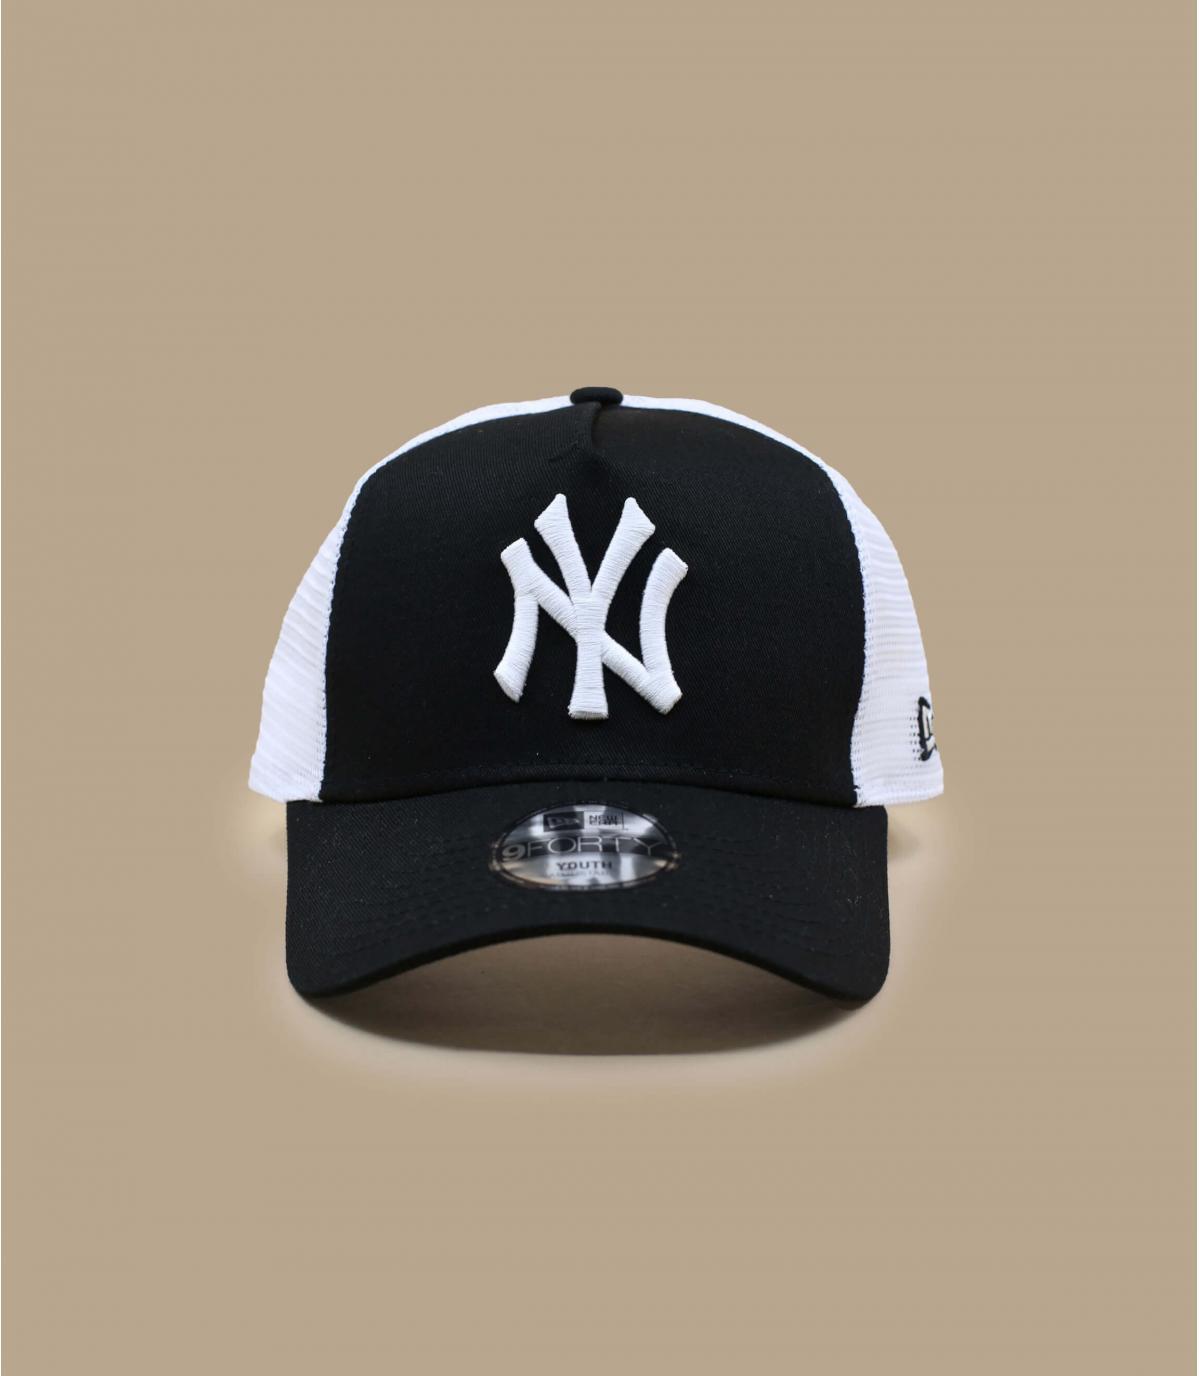 Détails Trucker Kids NY League Ess 940 black white - image 2